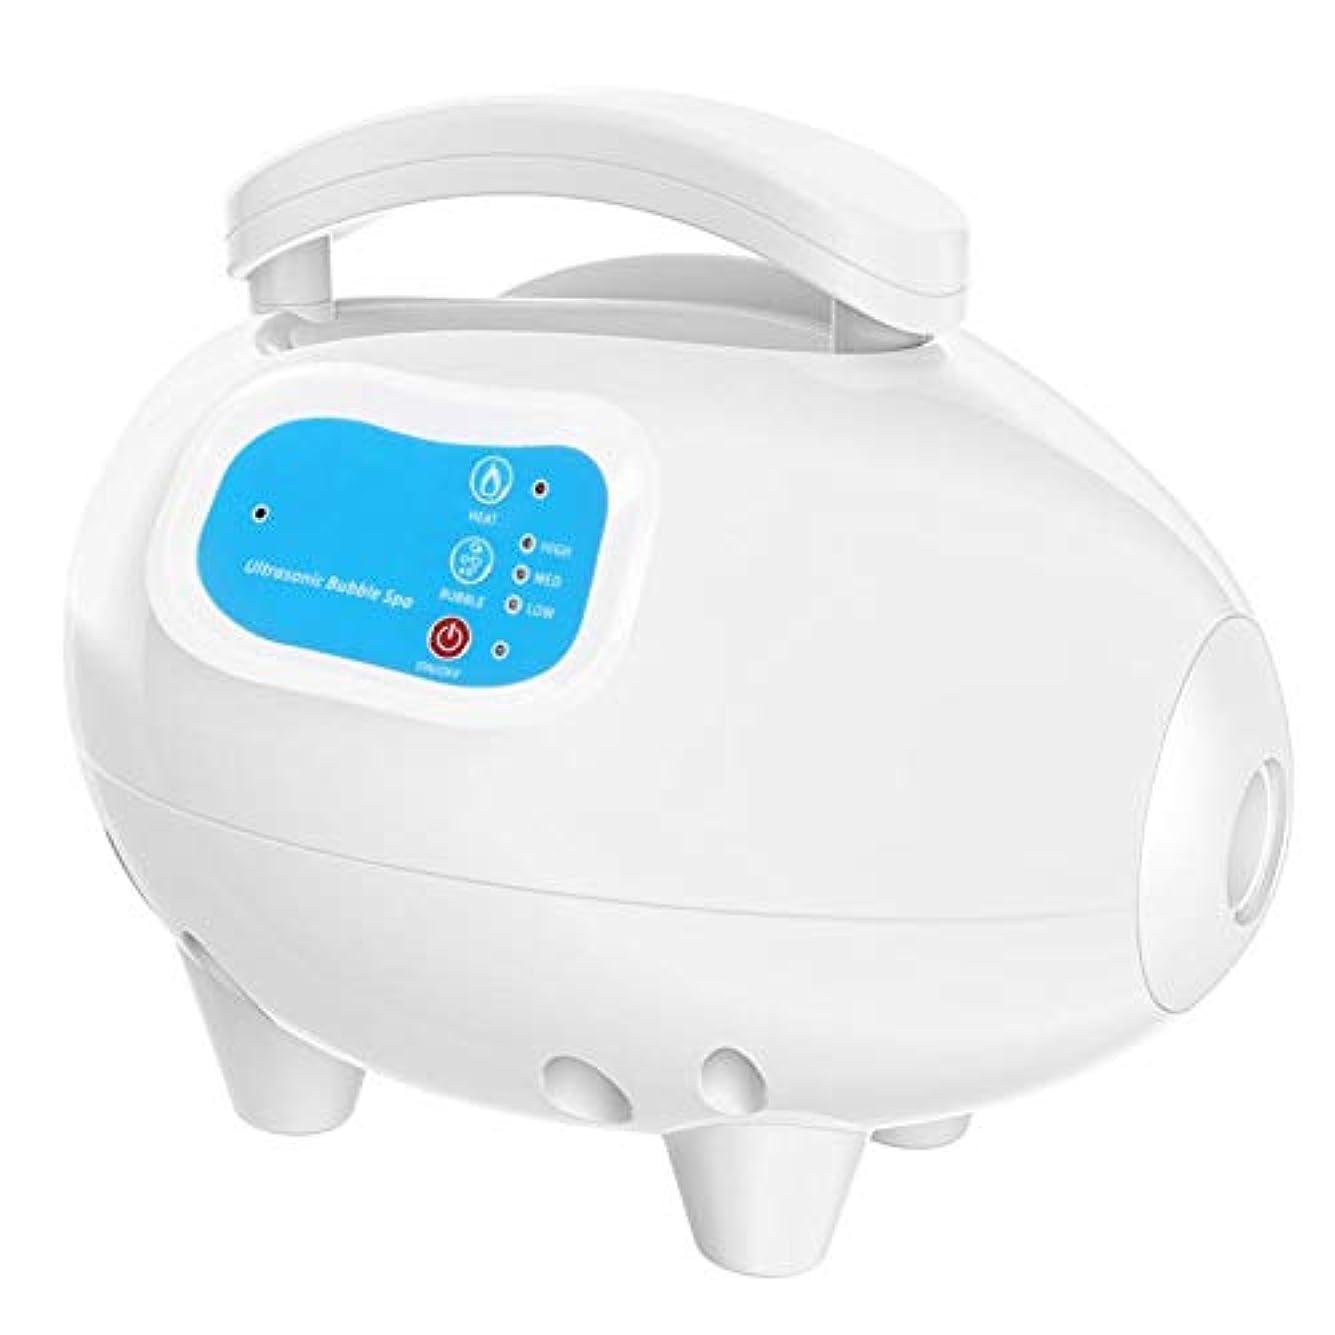 違反小麦夜間スパ泡風呂浴槽機防水エアー泡風呂浴槽殺菌ボディスパマッサージマット付きエアホース(110?220V)